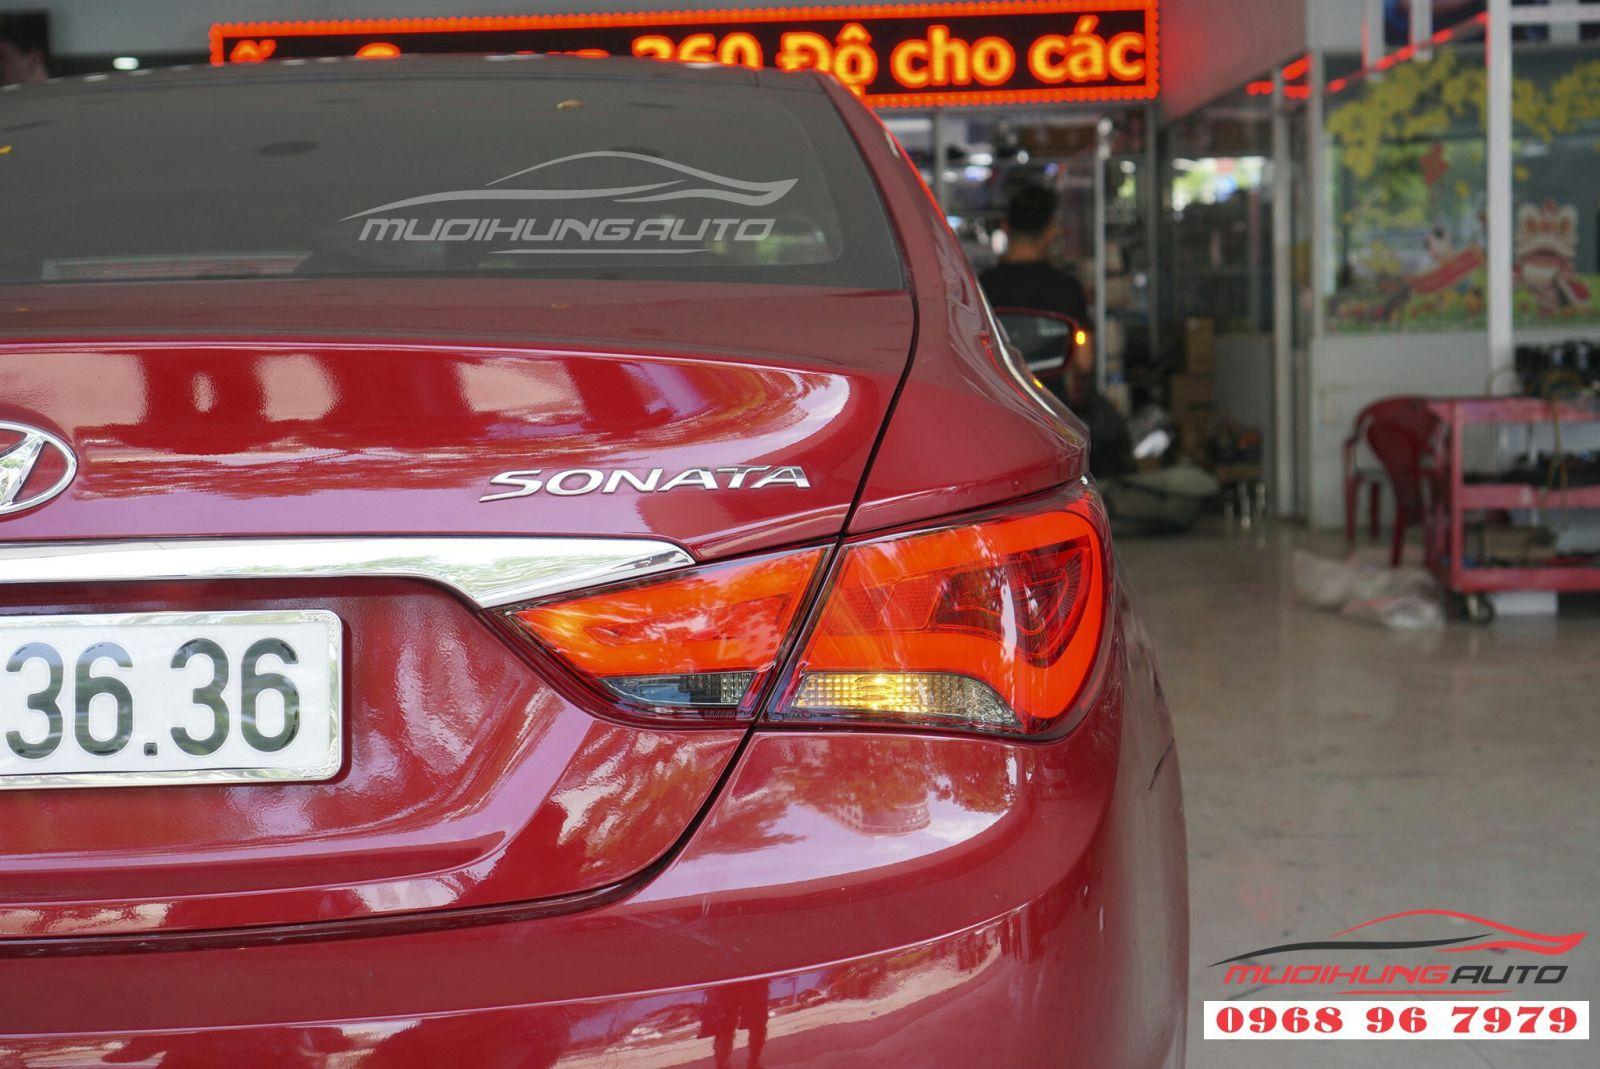 Hyundai Sonata 2011 độ đèn hậu nguyên cụm giá tốt 04